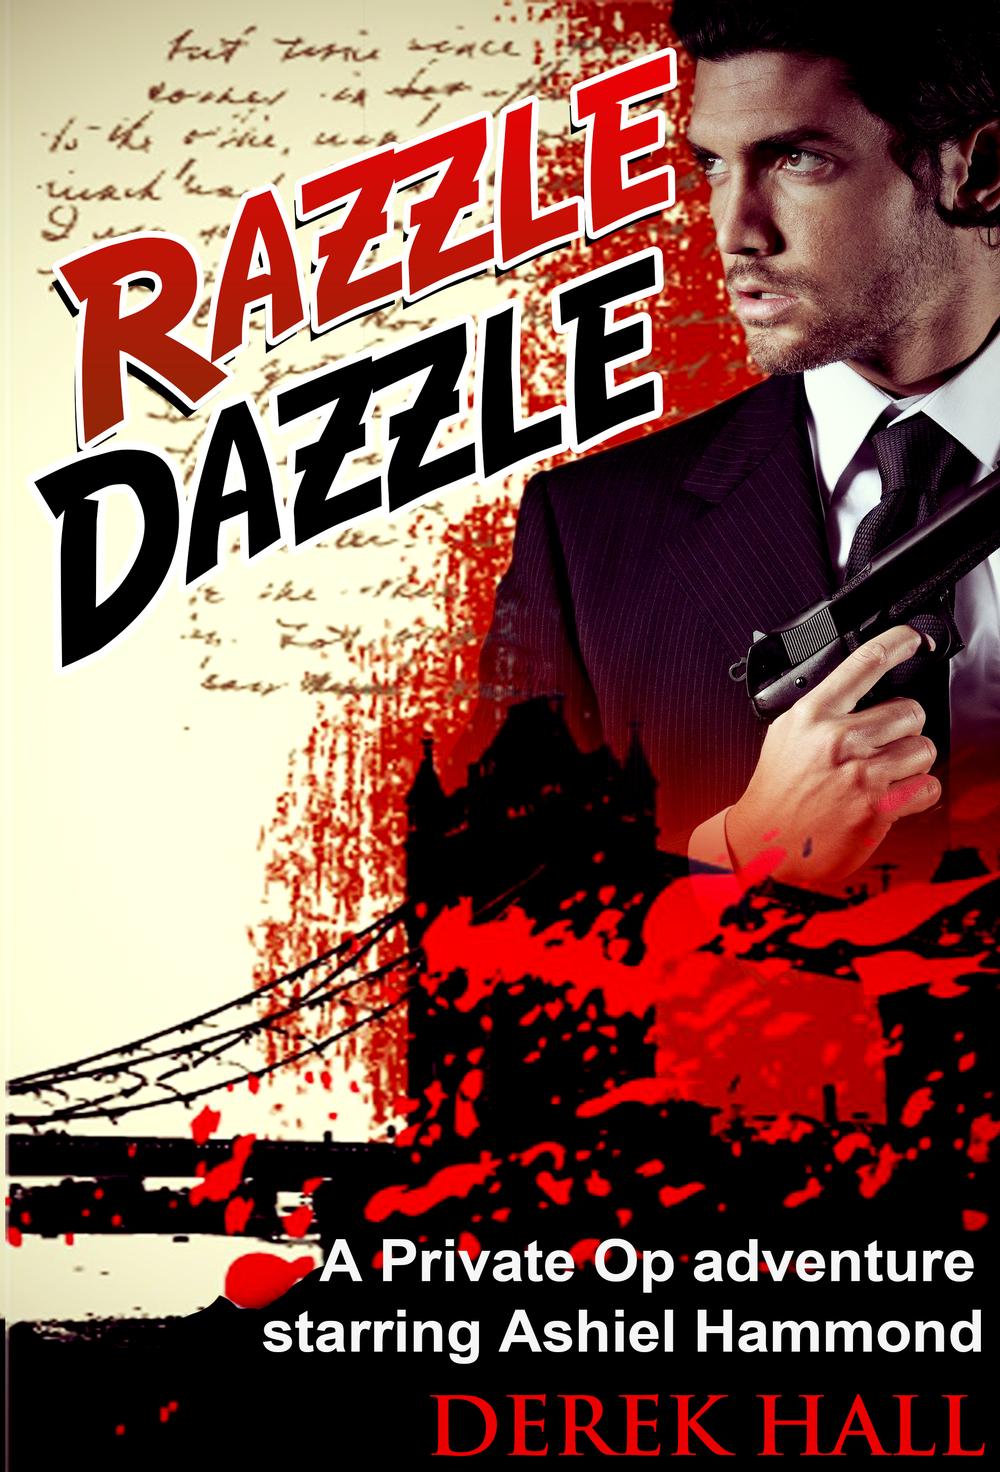 Razzle Dazzle 2.0.jpg